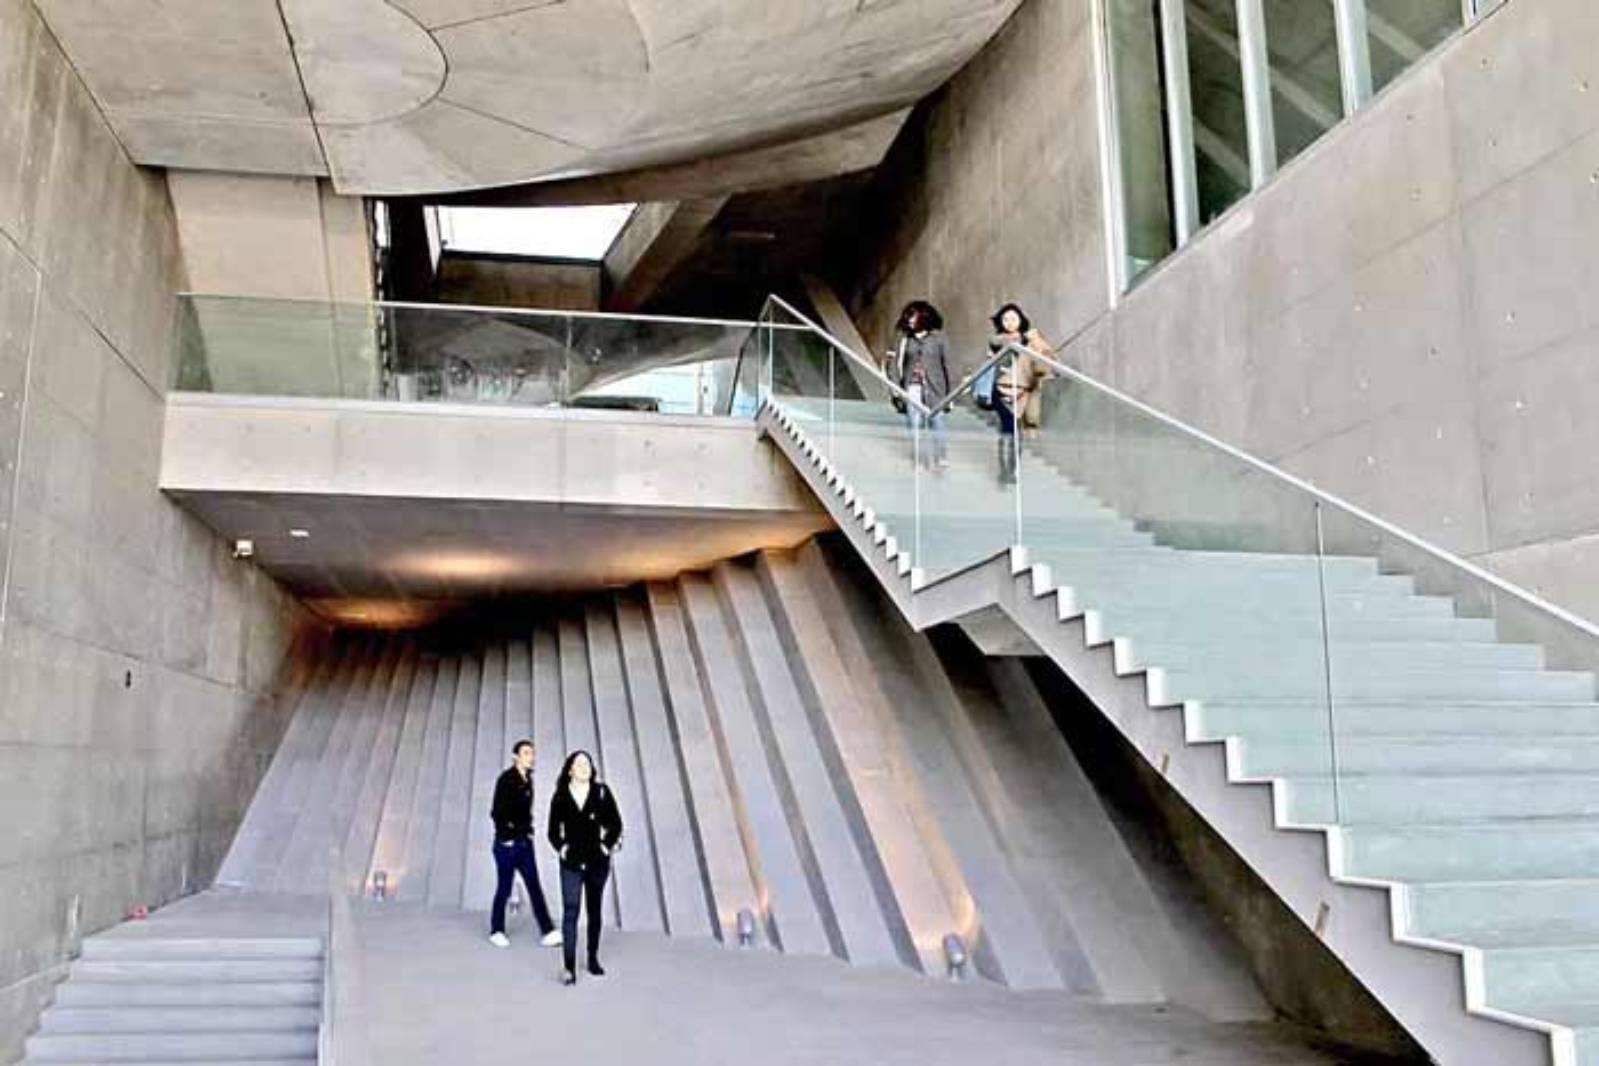 http://2.bp.blogspot.com/-tEP3maOFQjg/UX012e92qHI/AAAAAAAAfc4/qVei_KZMrRk/s1600/Centro+Roberto+Garza+Sada+by+Tadao+Ando13.jpg